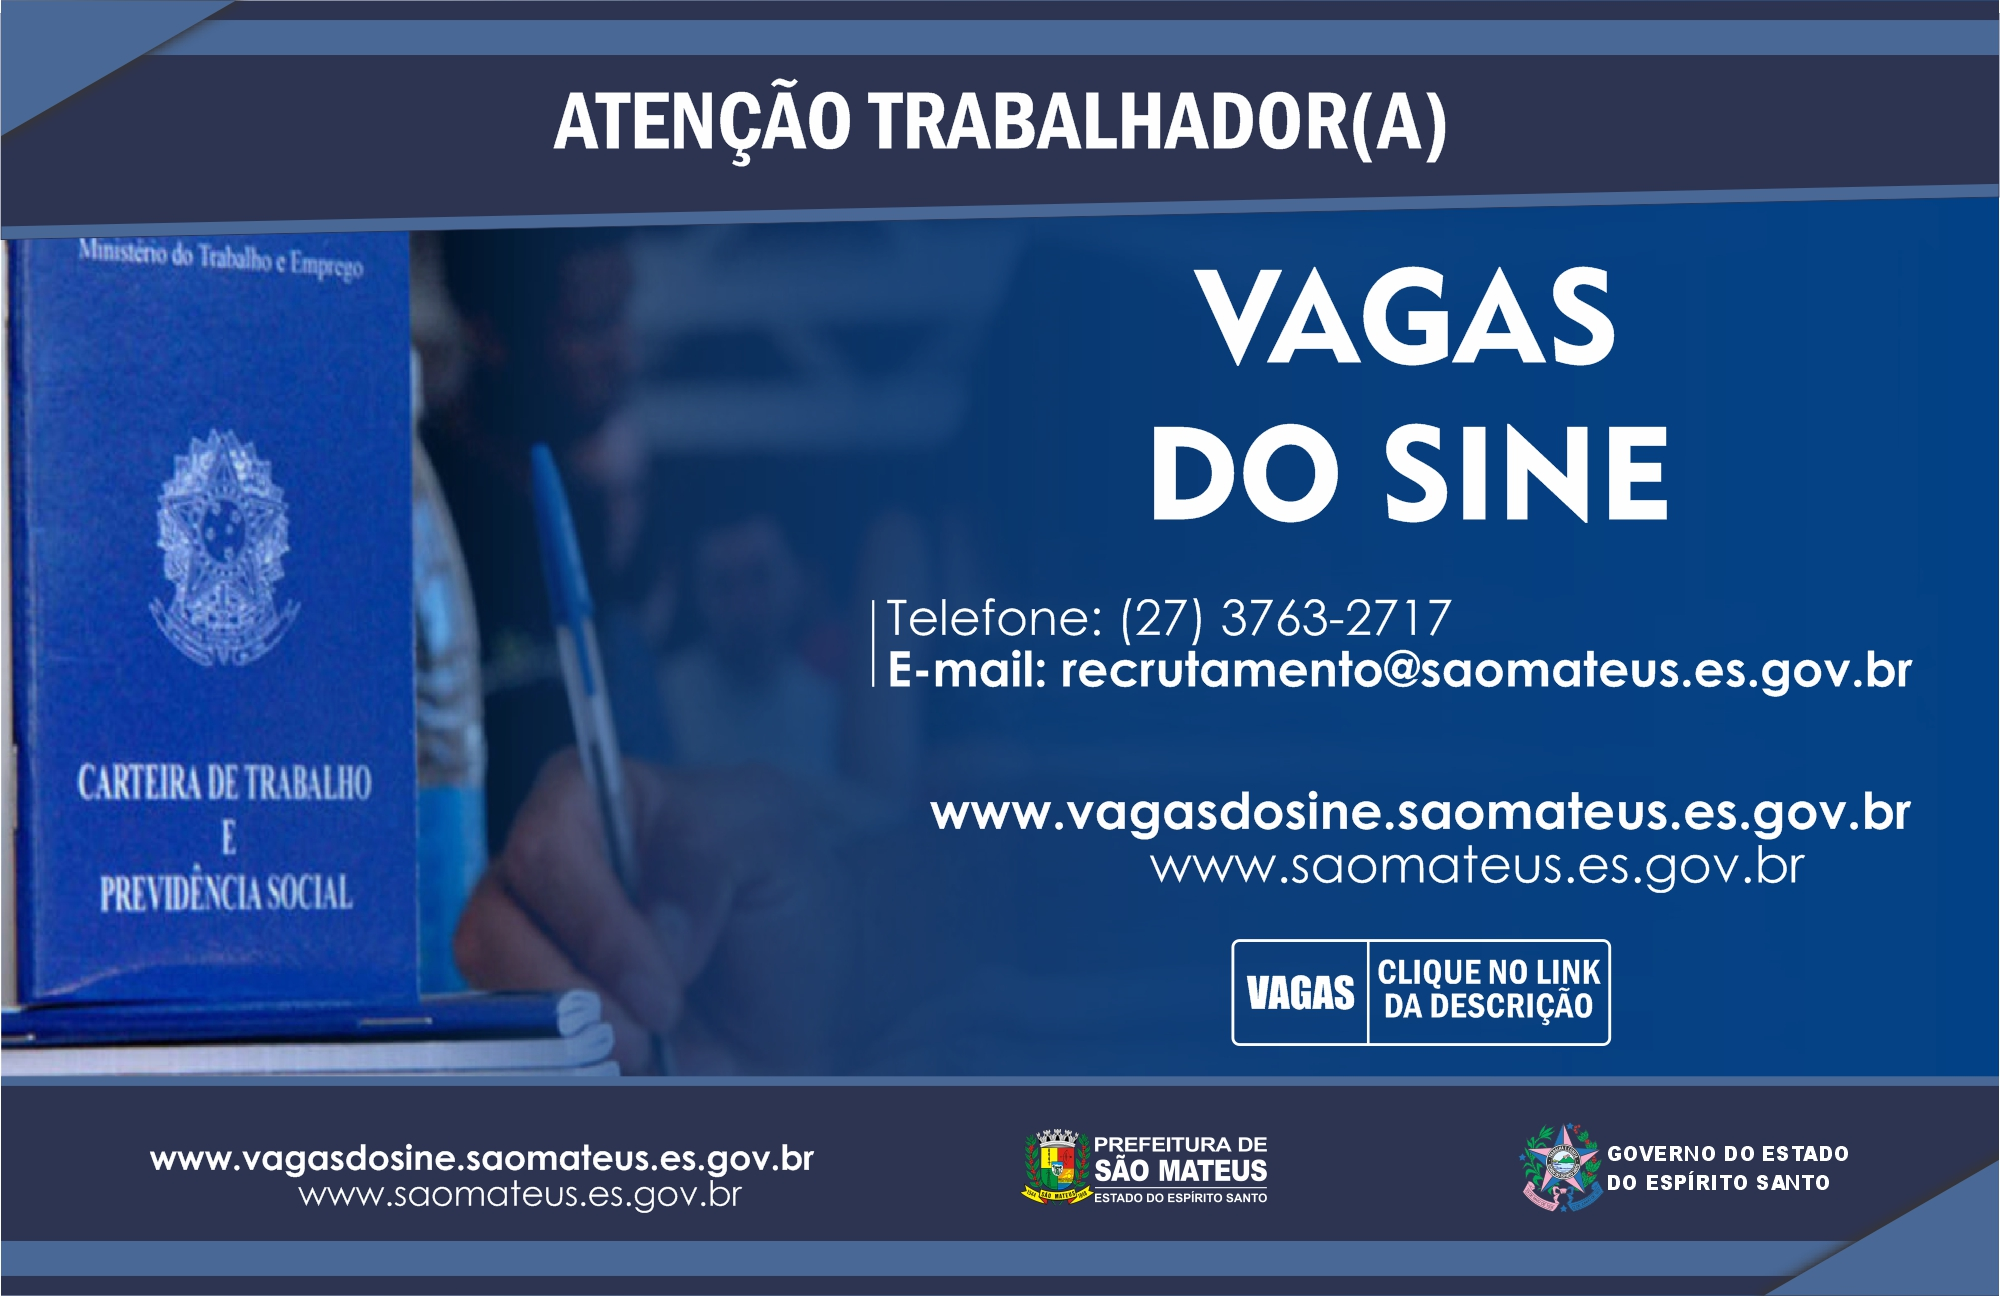 CONFIRA AS VAGAS DO SINE DE SÃO MATEUS DESSA QUARTA-FEIRA (06/01)